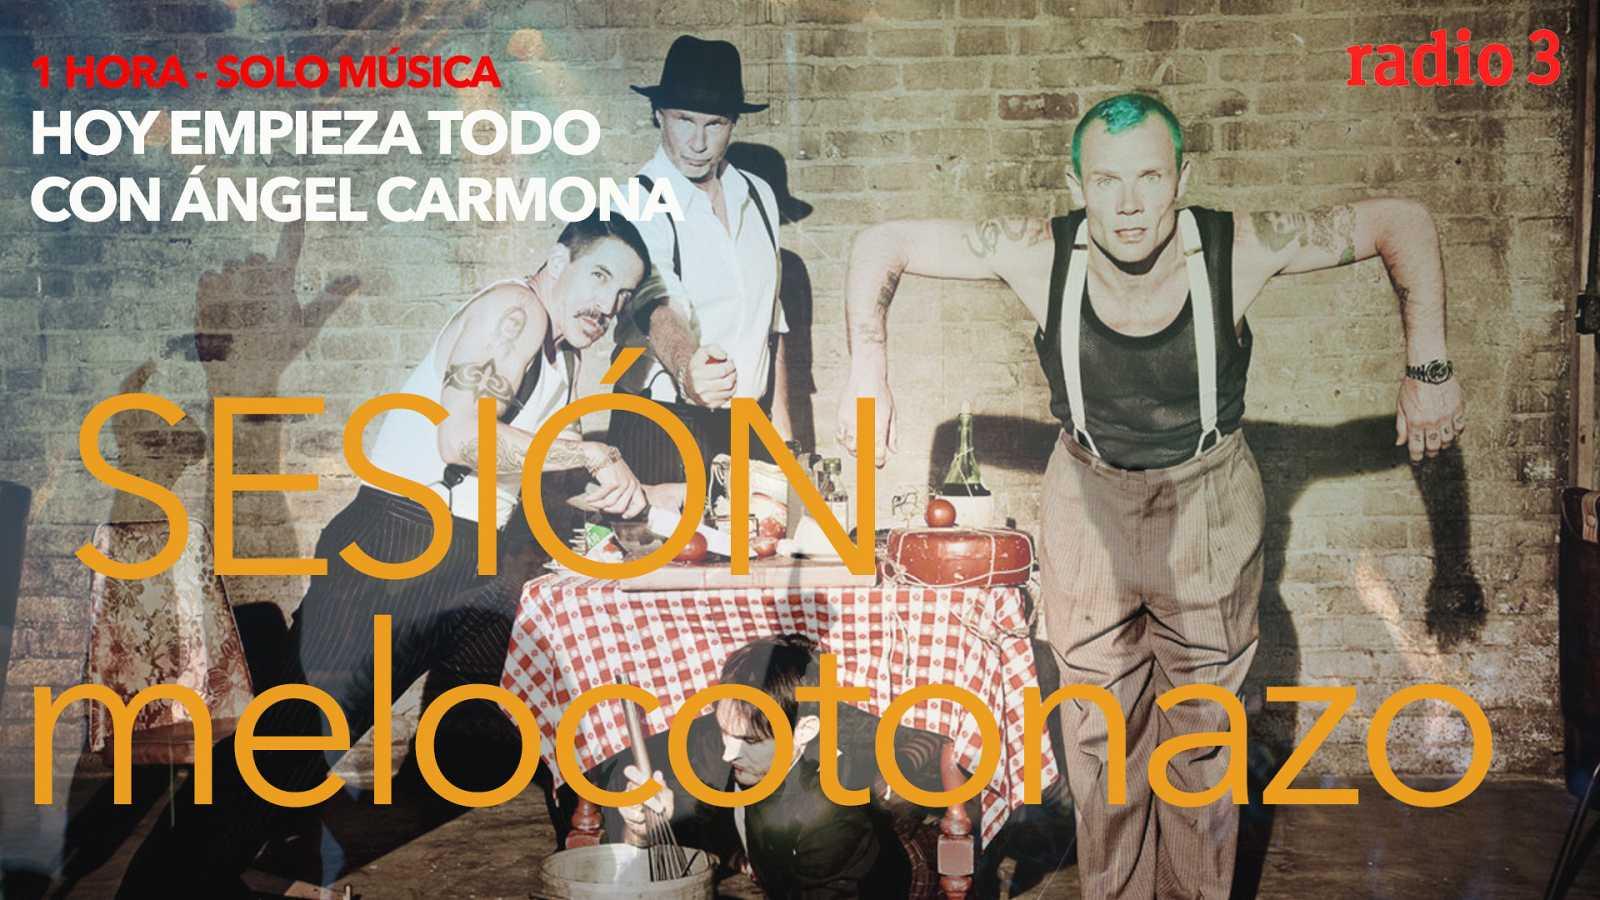 """Hoy empieza todo con Ángel Carmona - """"#SesiónMelocotonazo"""": Red Hot Chili Peppers, Cage the elephant, Varry Brava... - 16/10/20 - escuchar ahora"""